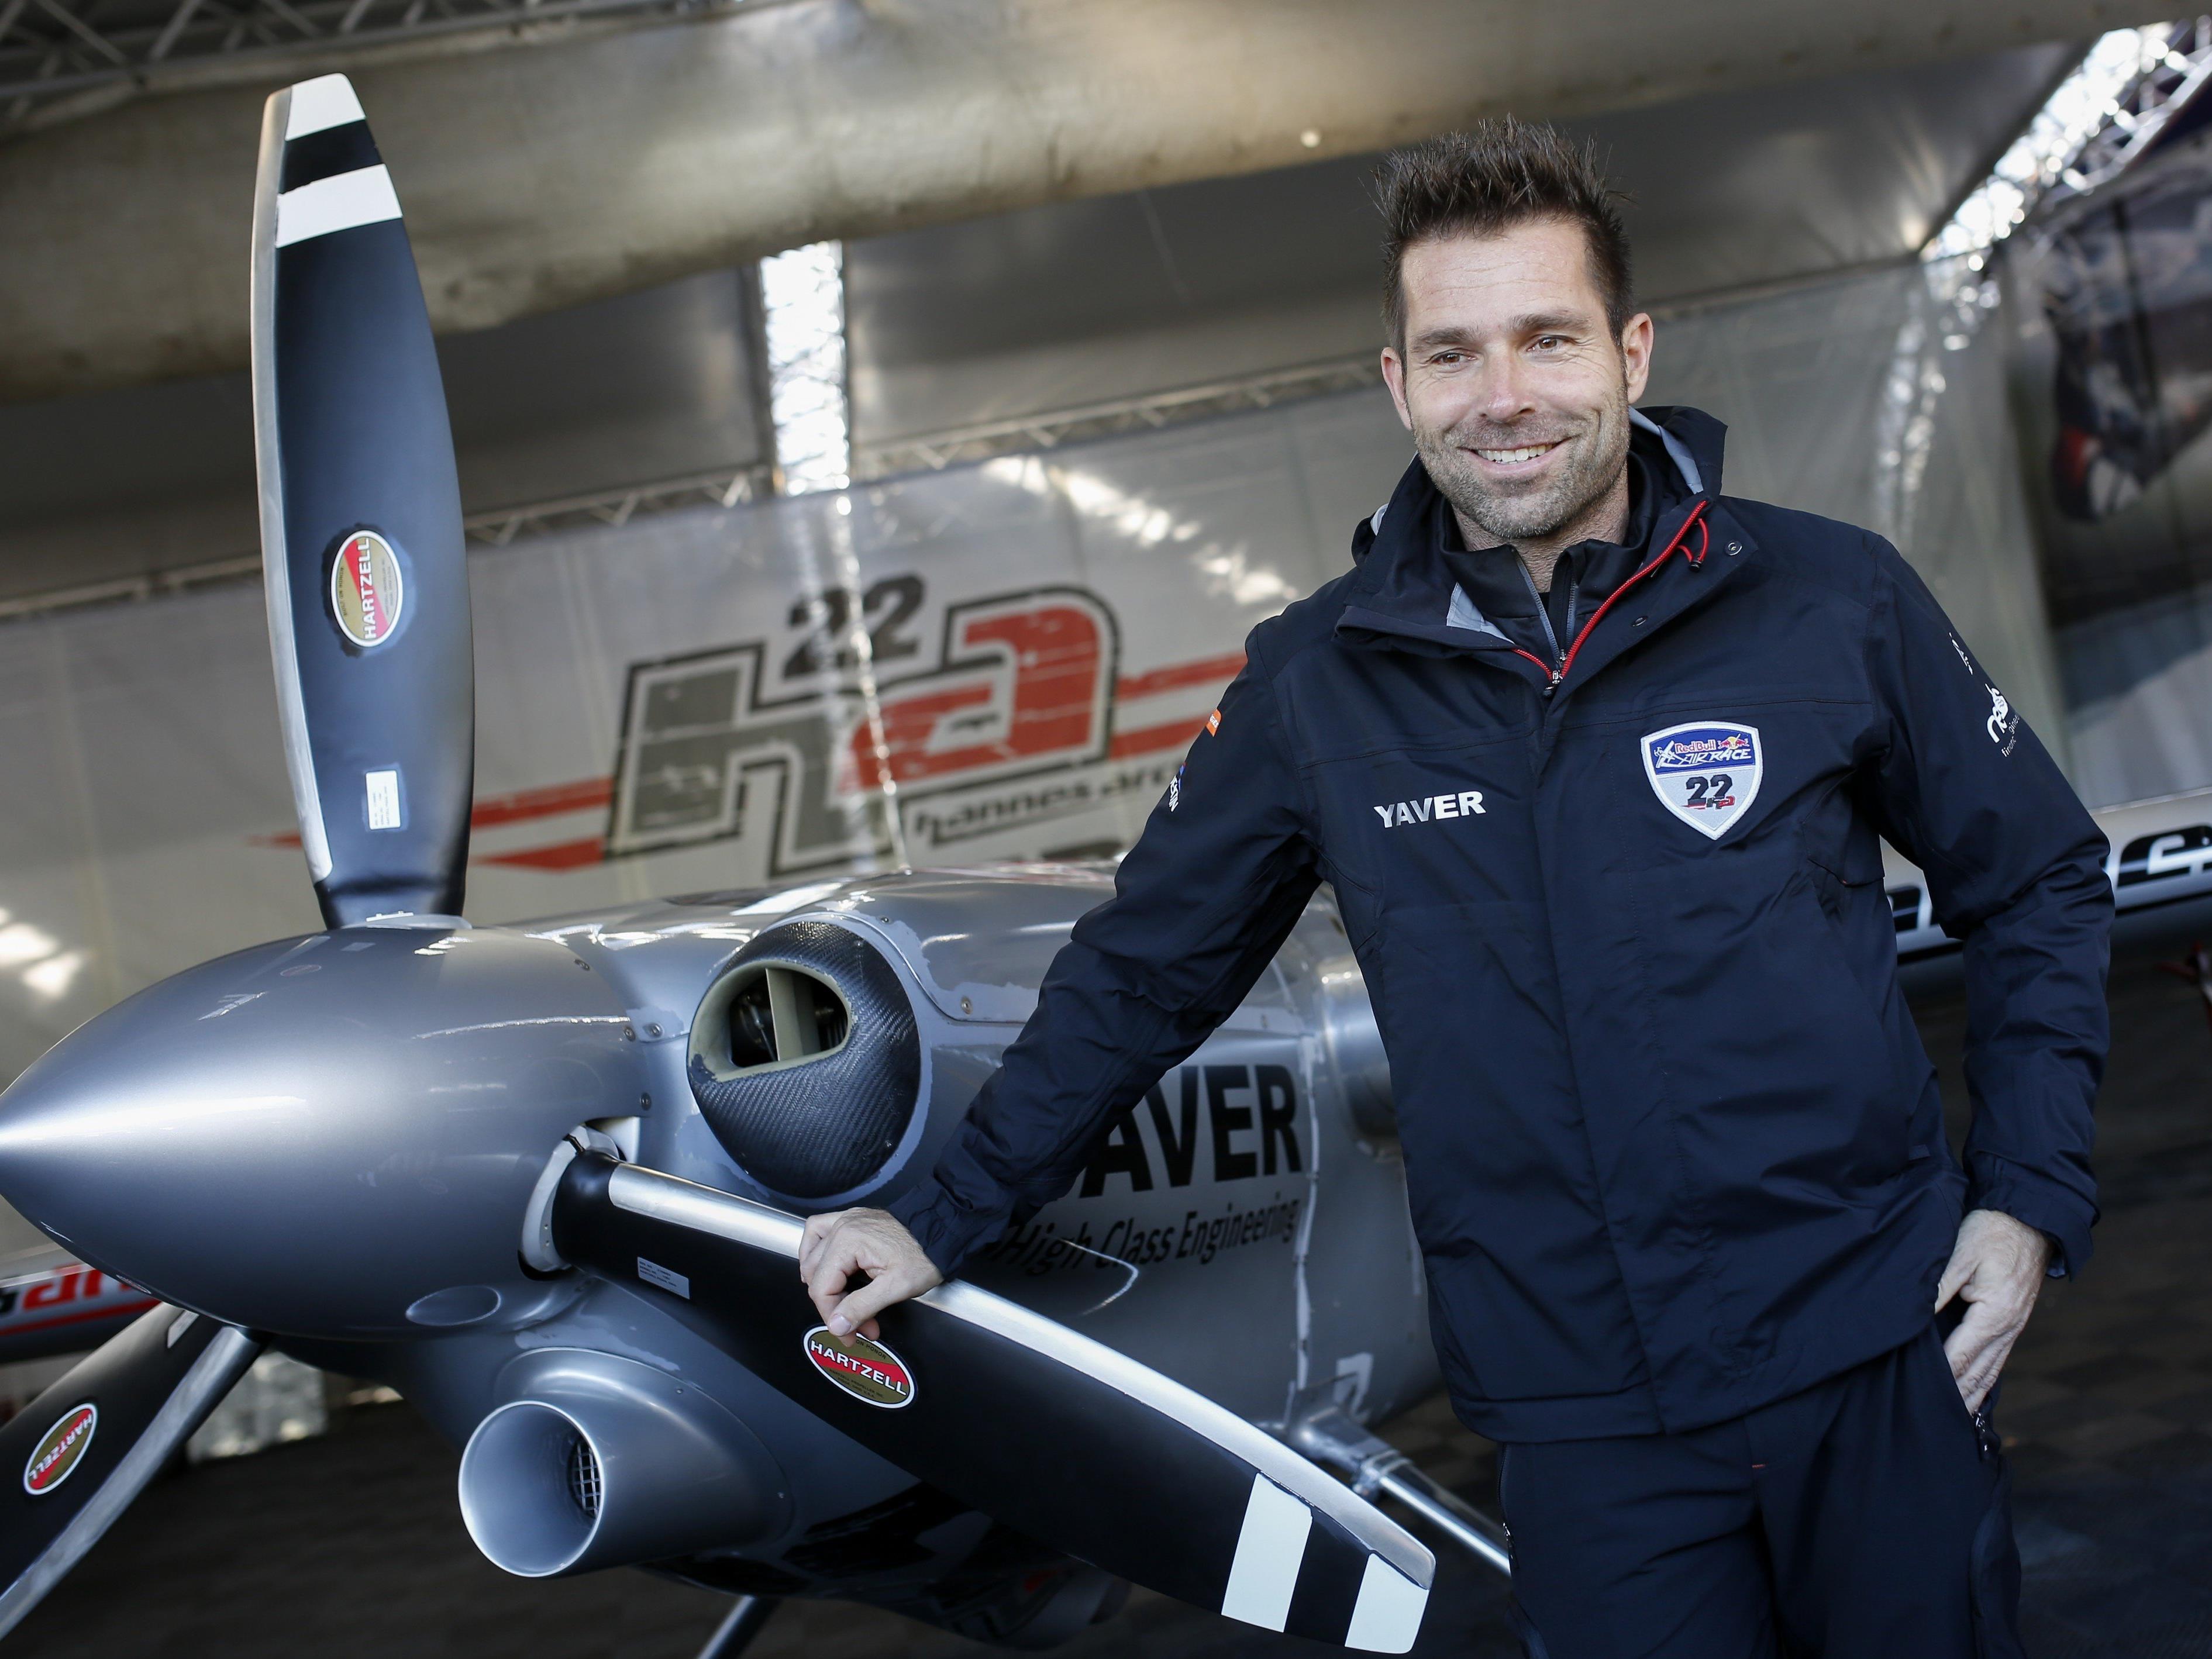 Hannes Arch verstarb bei einem tragischen Hubschrauberabsturz.